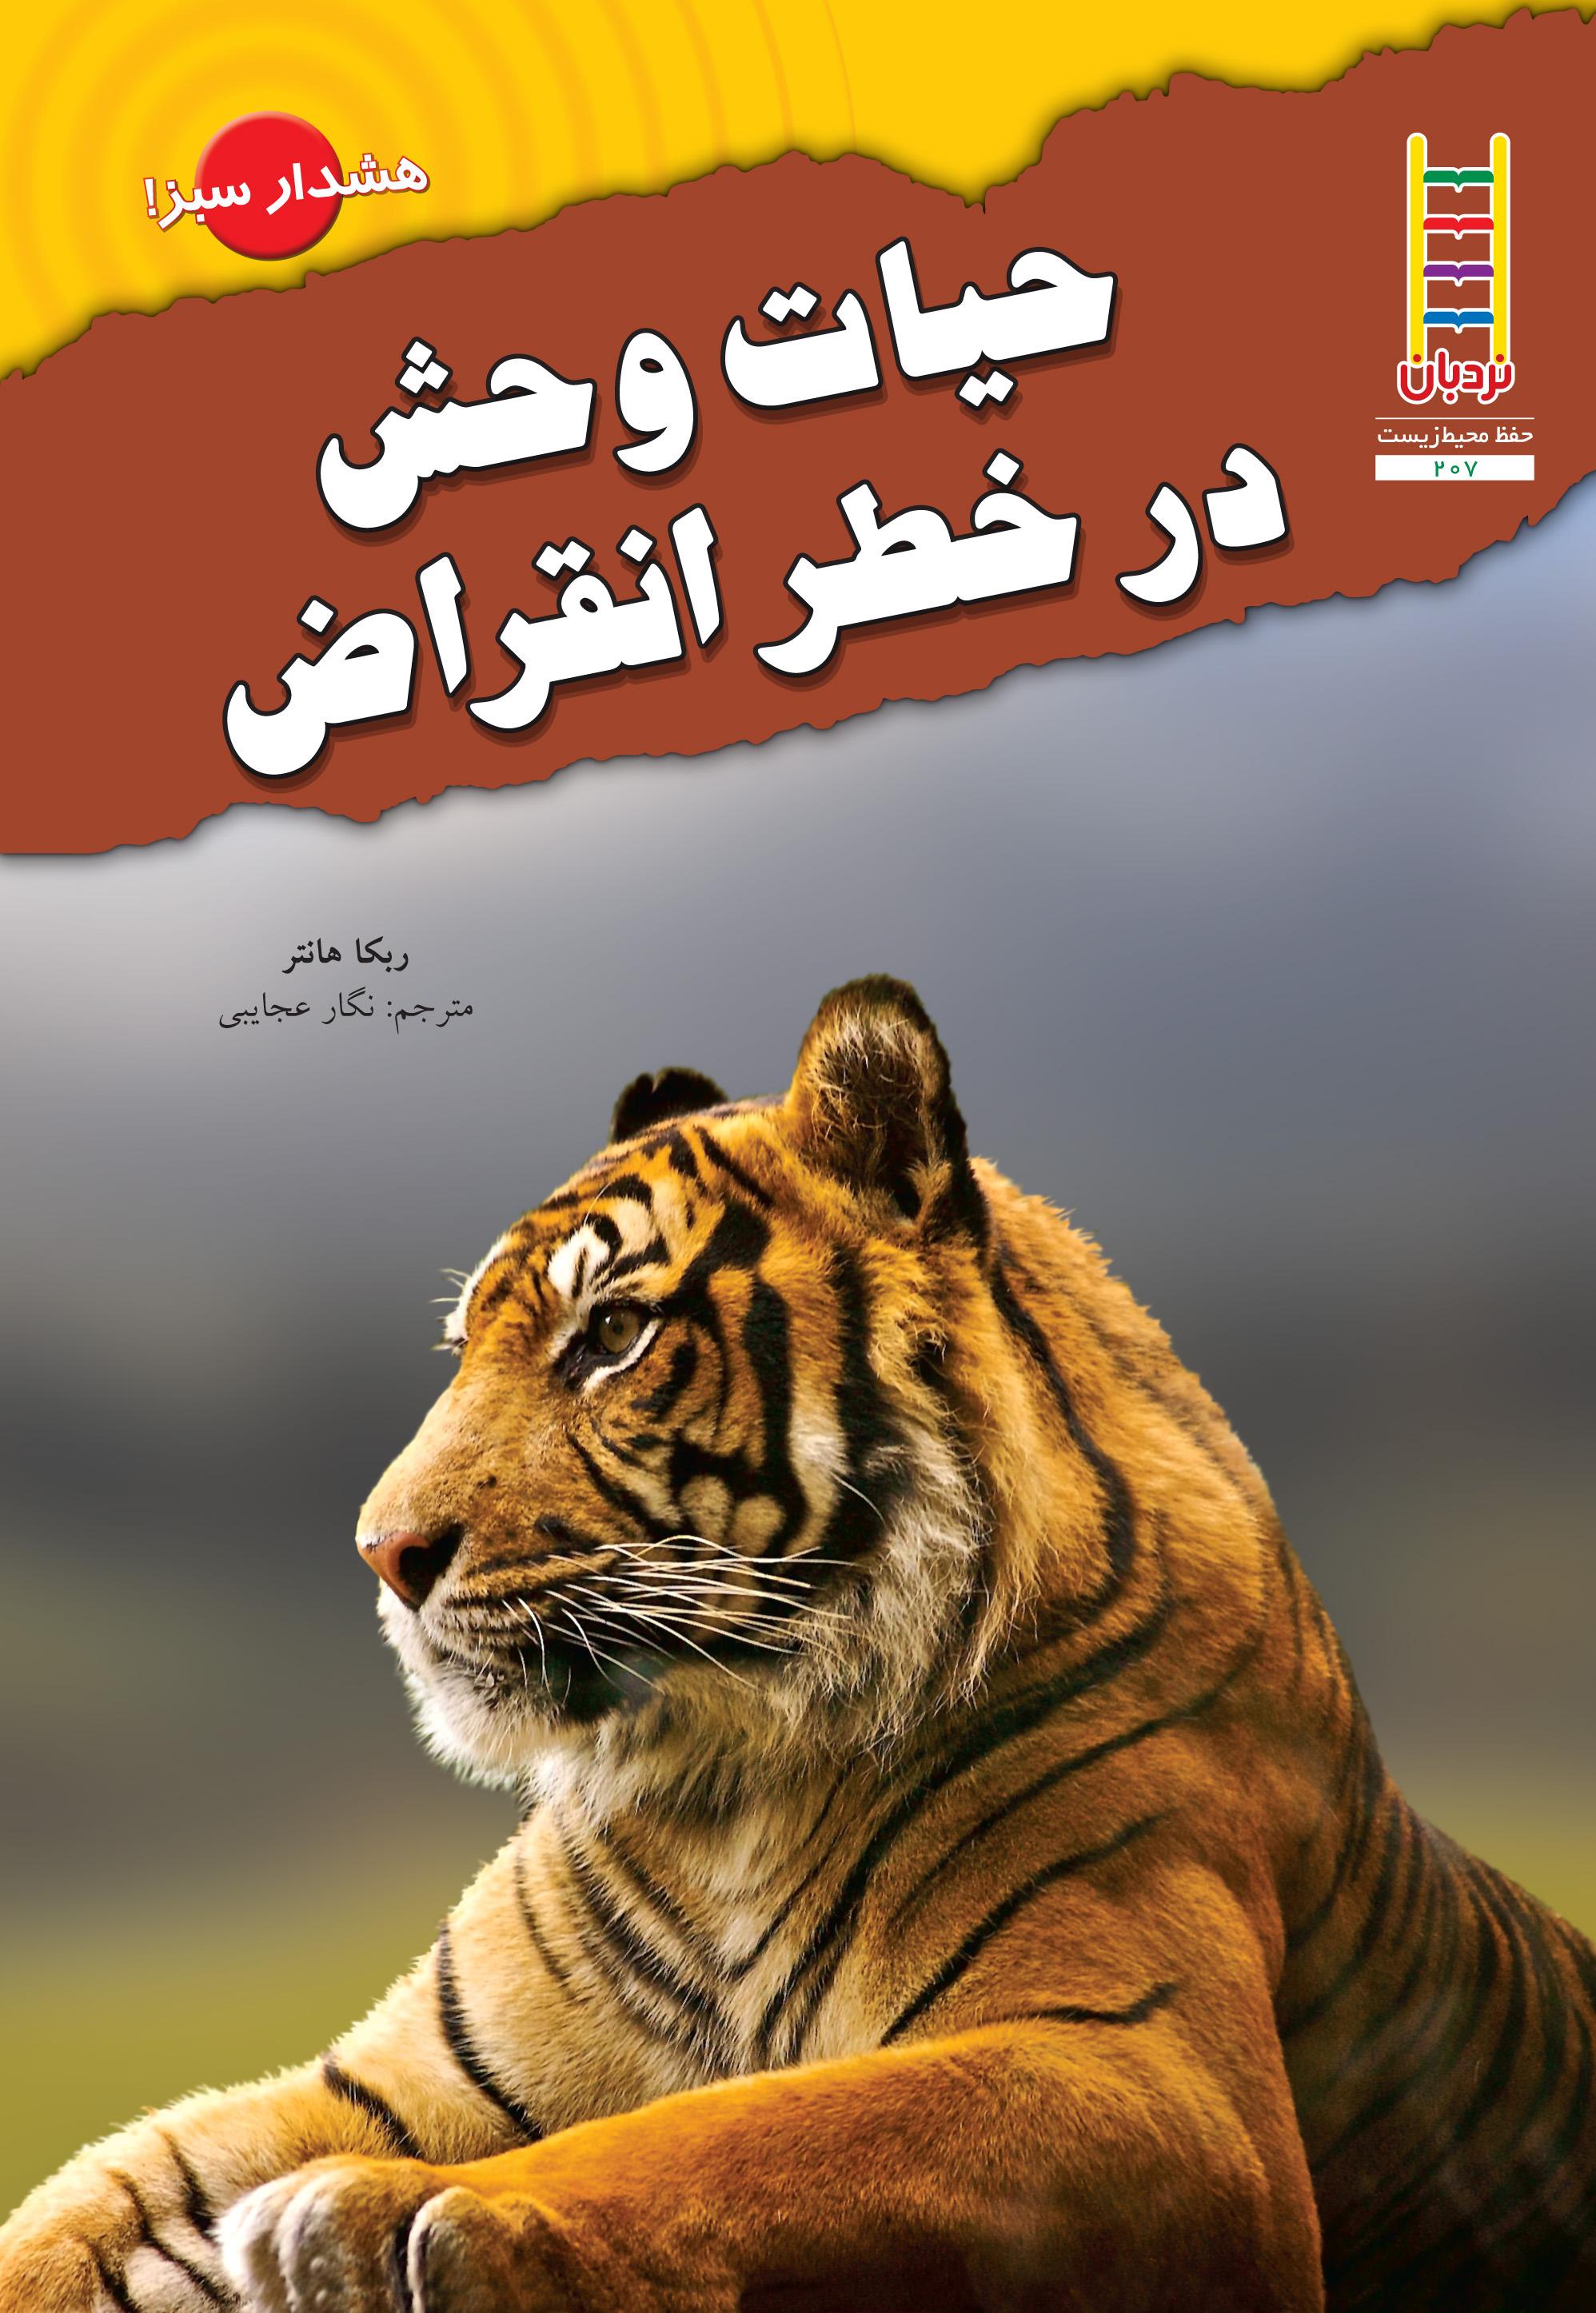 حیات وحش در خطر انقراض  (هشدار سبز)...